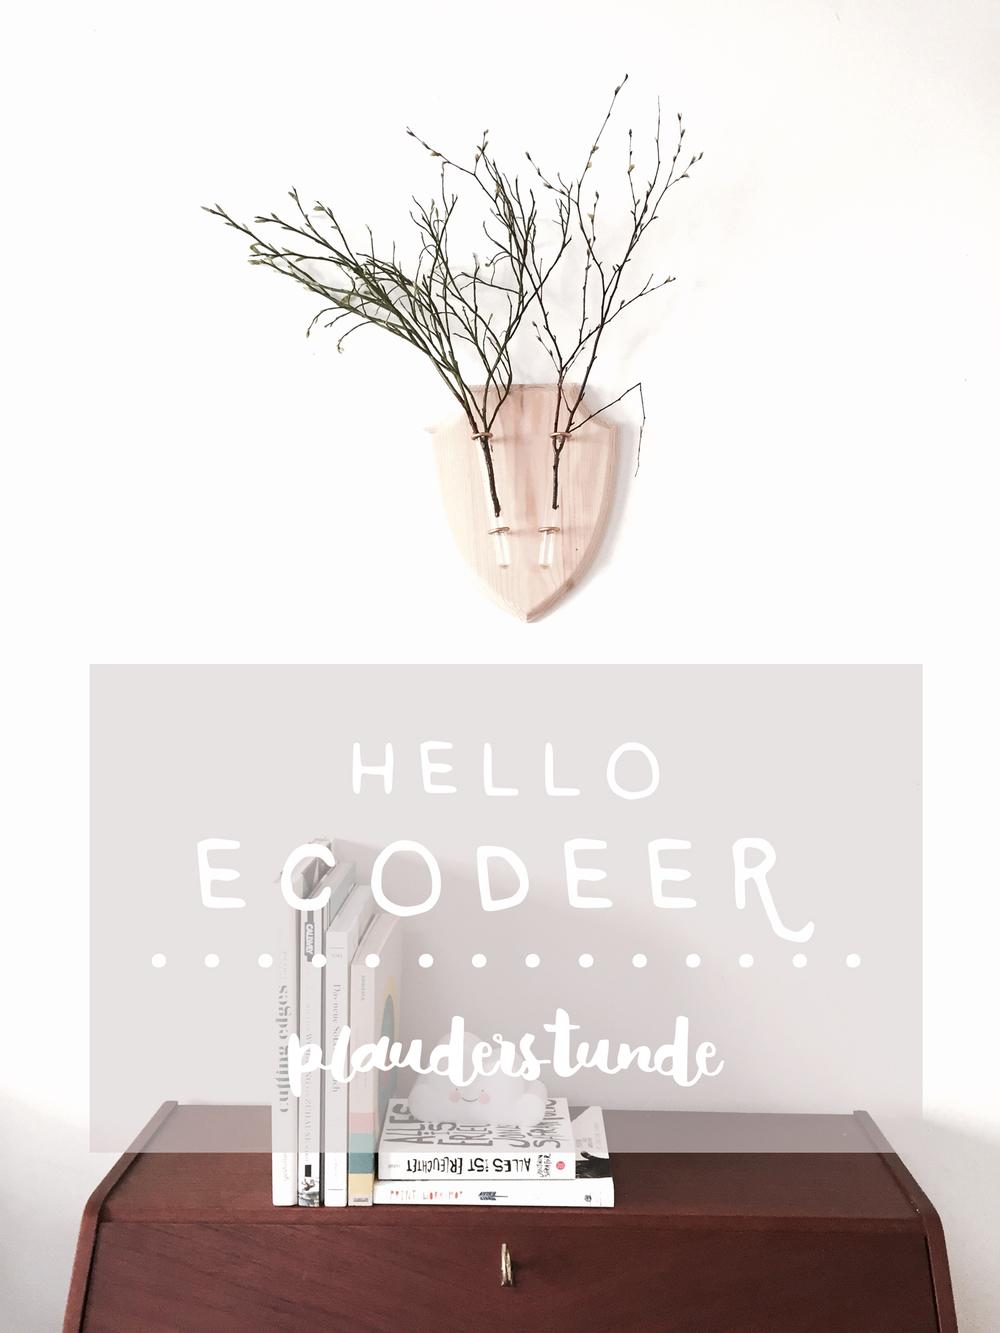 hello-ecodeer-plauderstunde.jpg